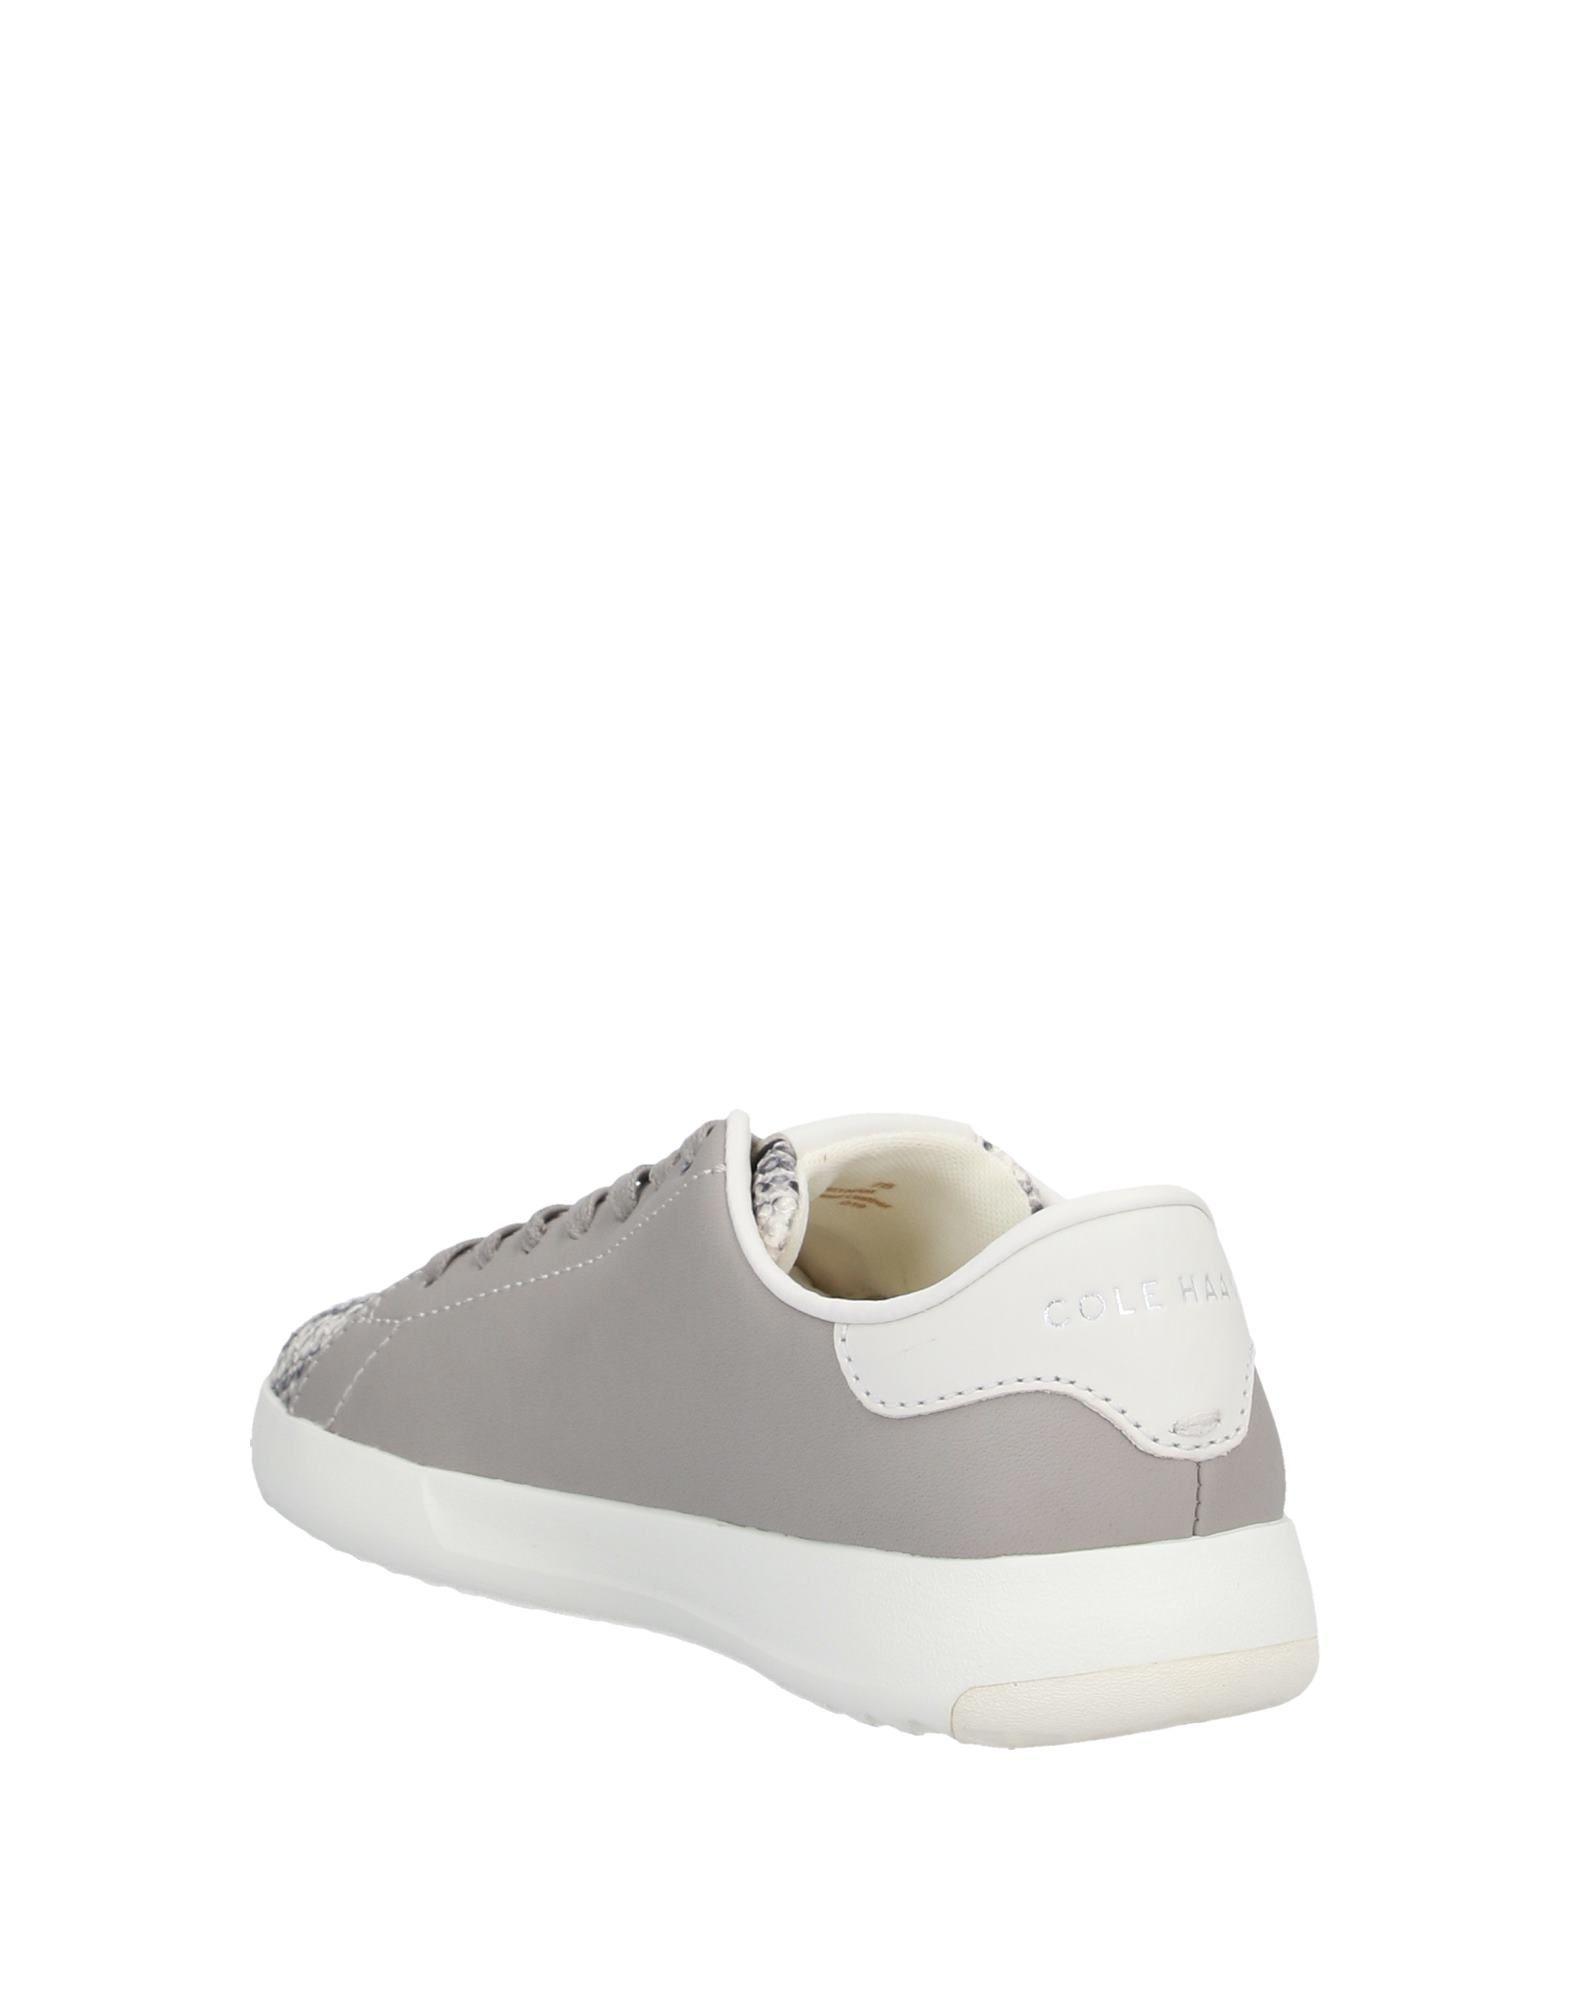 Sneakers & Deportivas Cole Haan de Caucho de color Gris